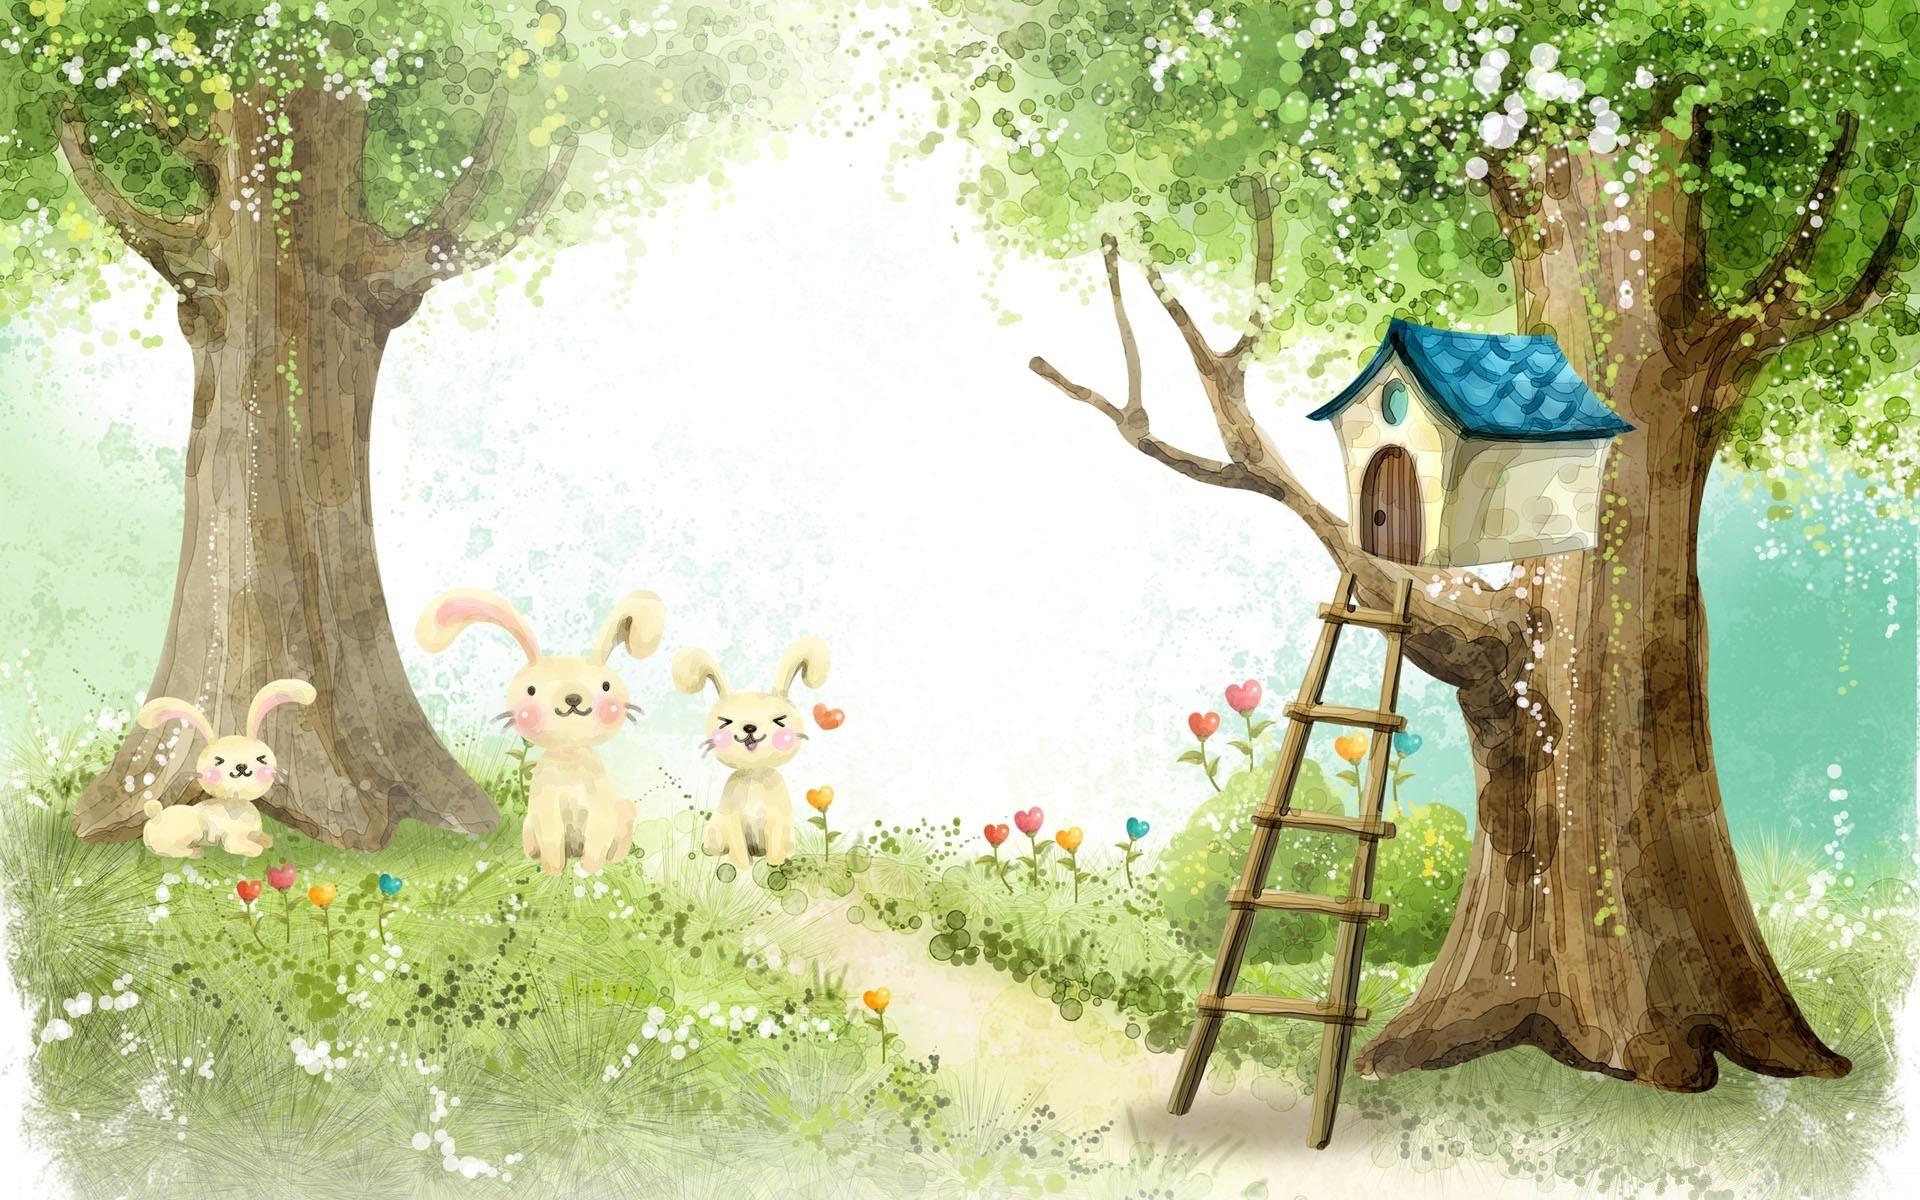 Фоновые картинки для фотошопа детские, яблоки снегу открытки